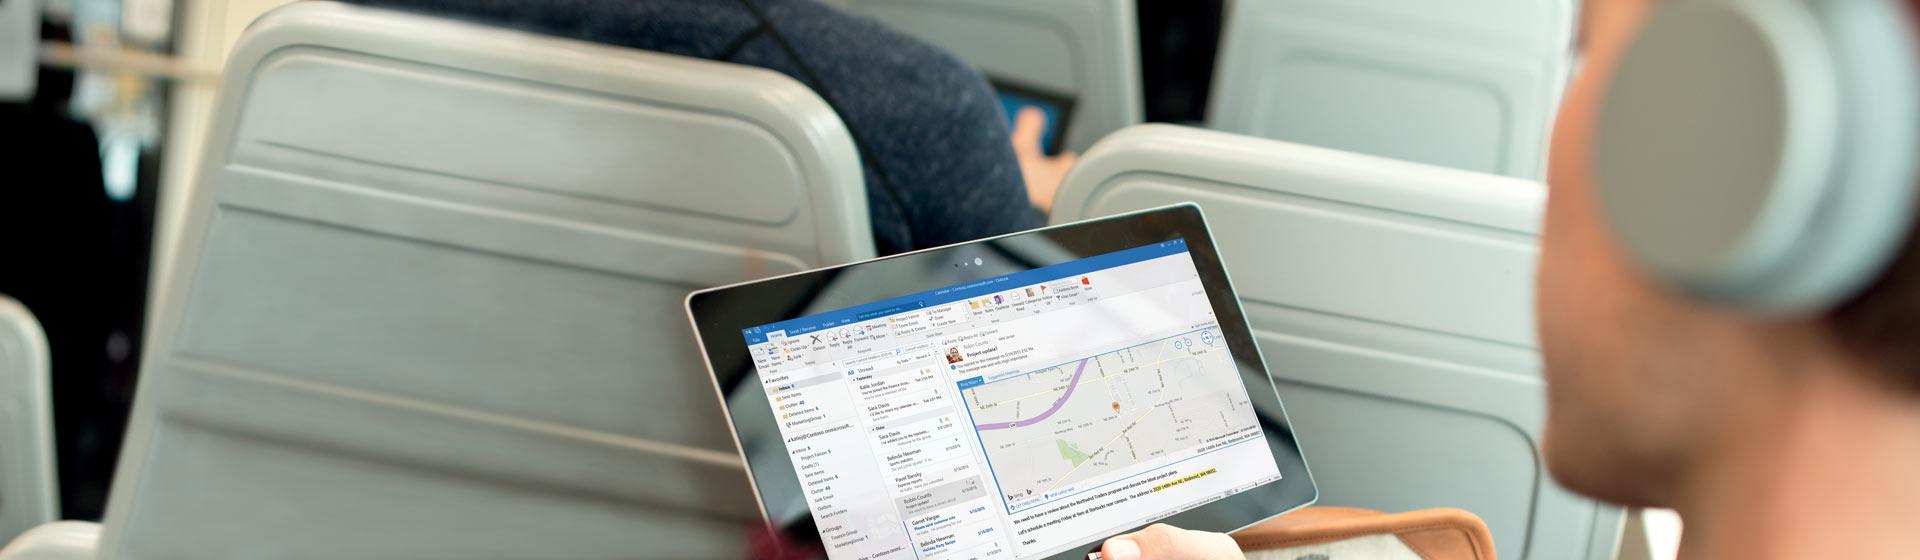 Ein Mann mit einem Tablet in der Hand, auf dem sein E-Mail-Posteingang in Office 365 angezeigt wird